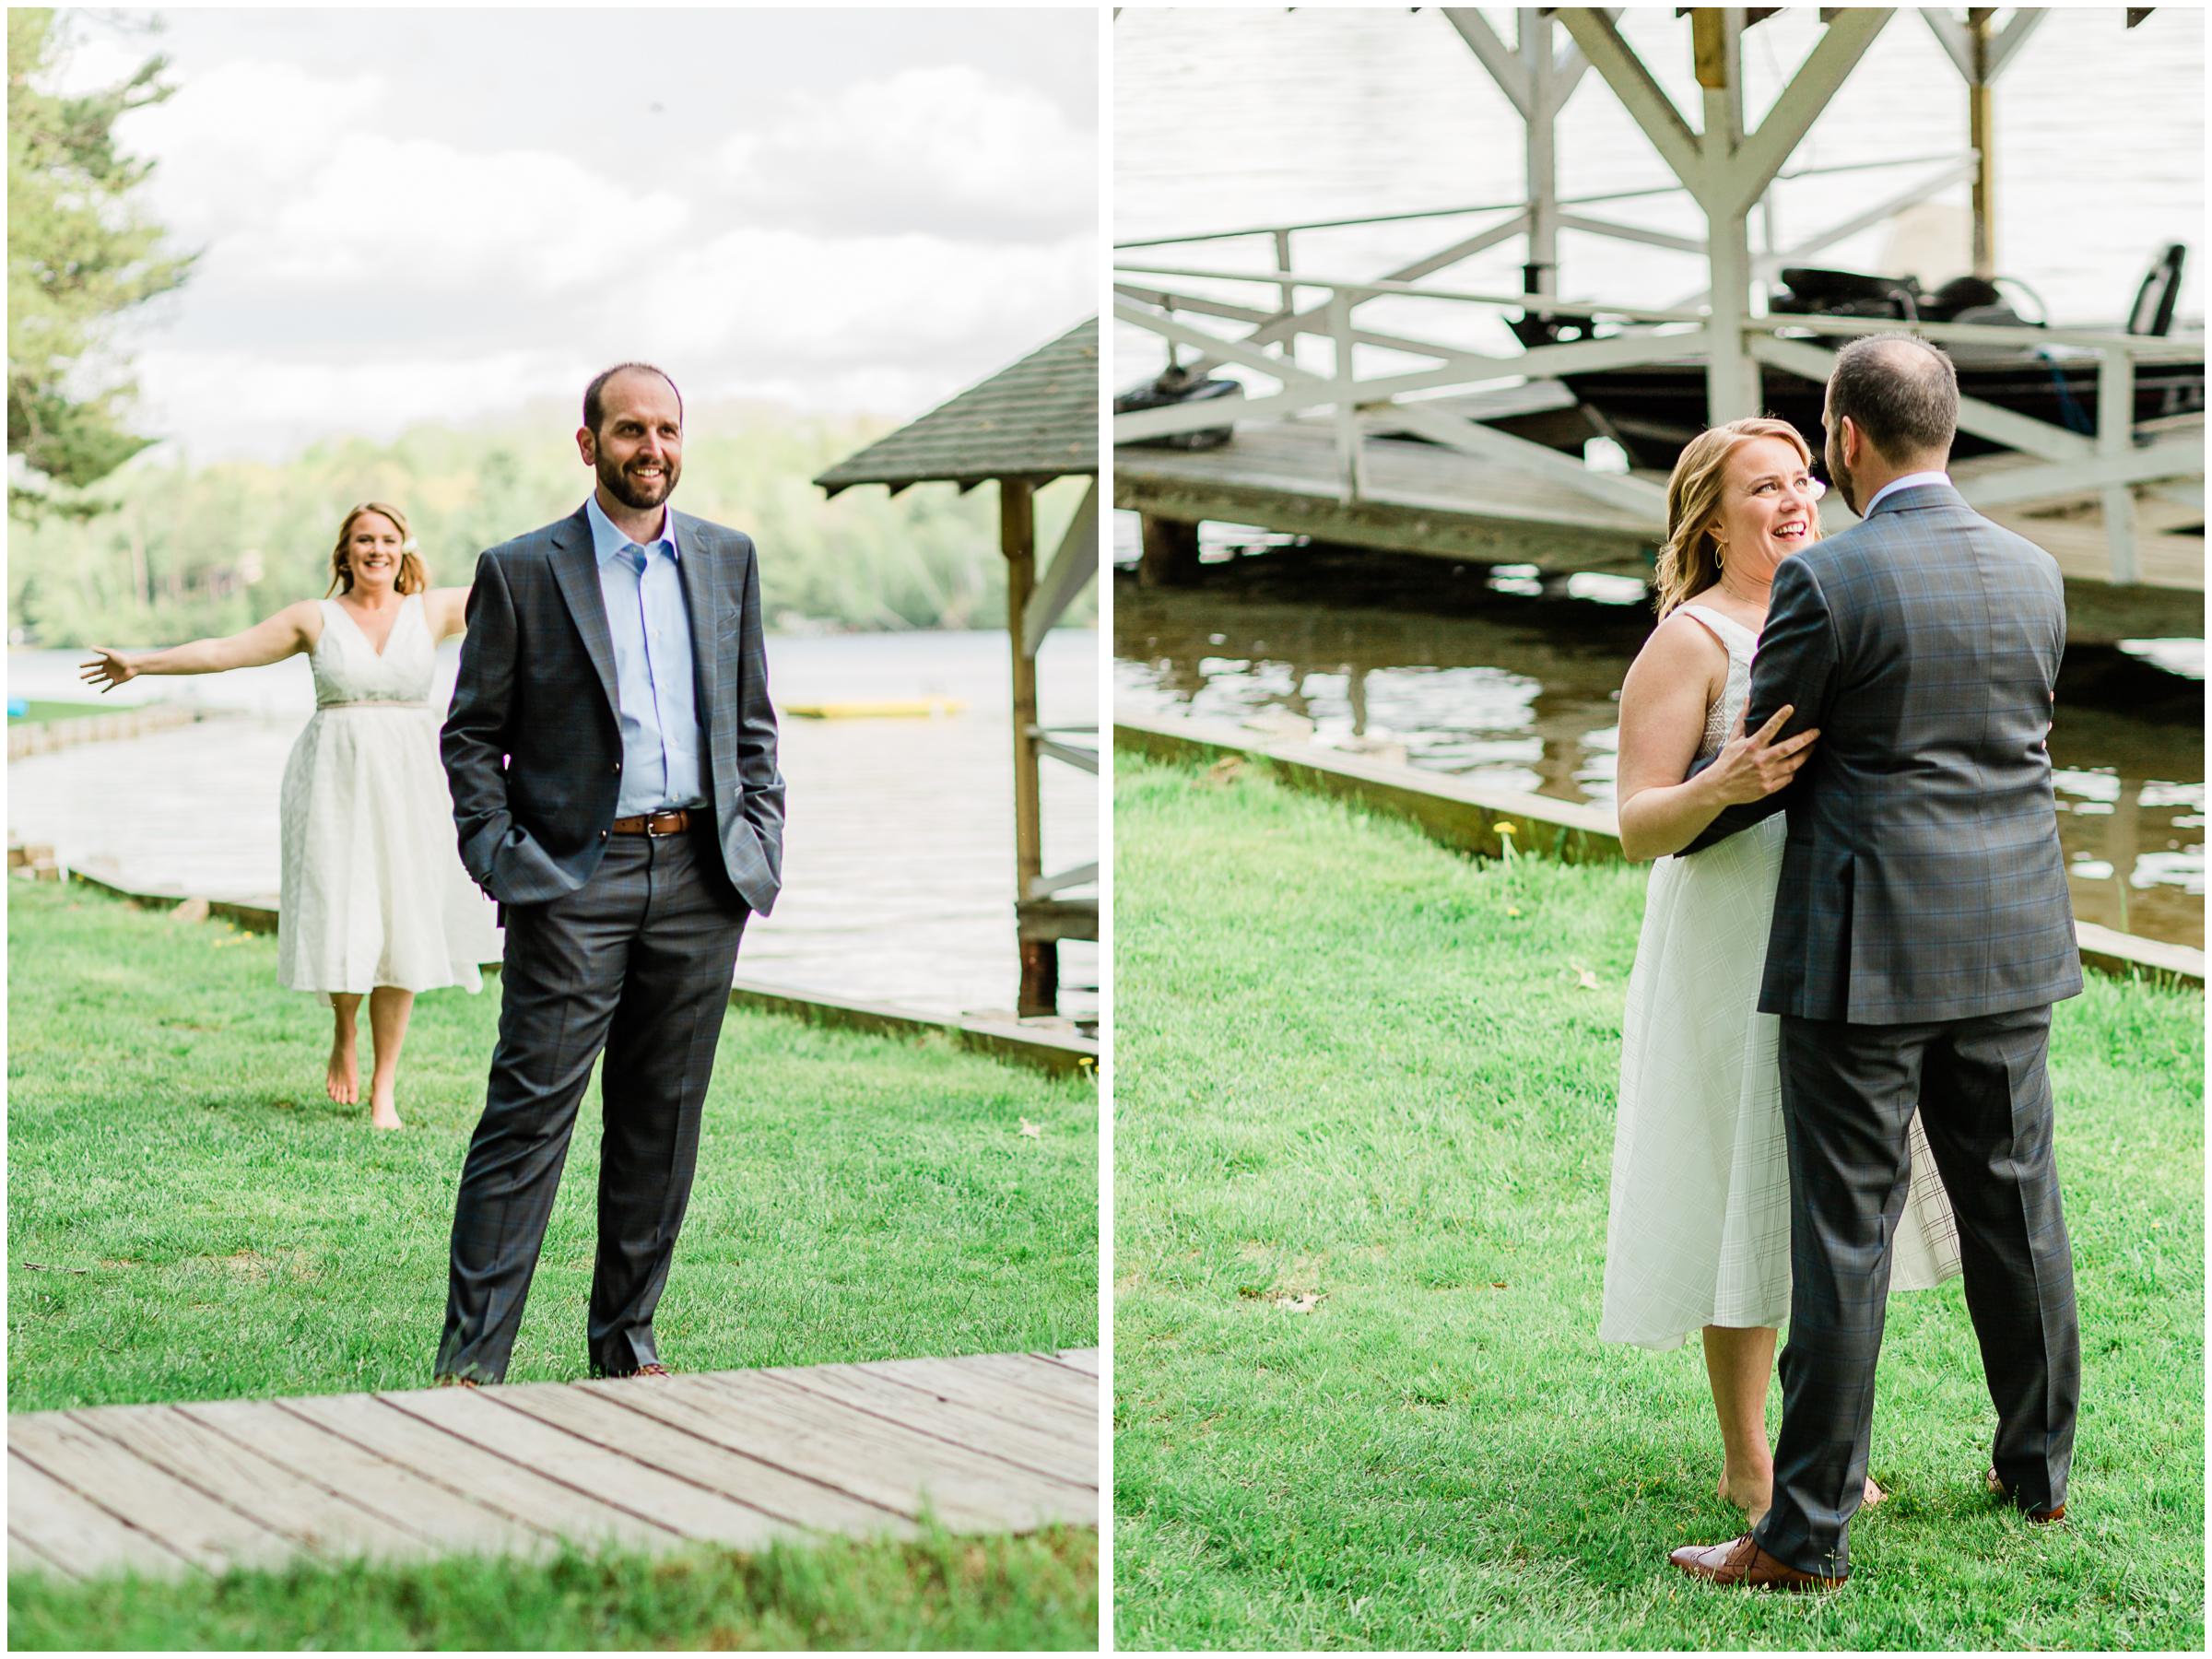 minocqua-wedding-photographer-lac-du-flambeau-woodruff-eagle-river-rhinelander-engagement-family-photography7.jpg